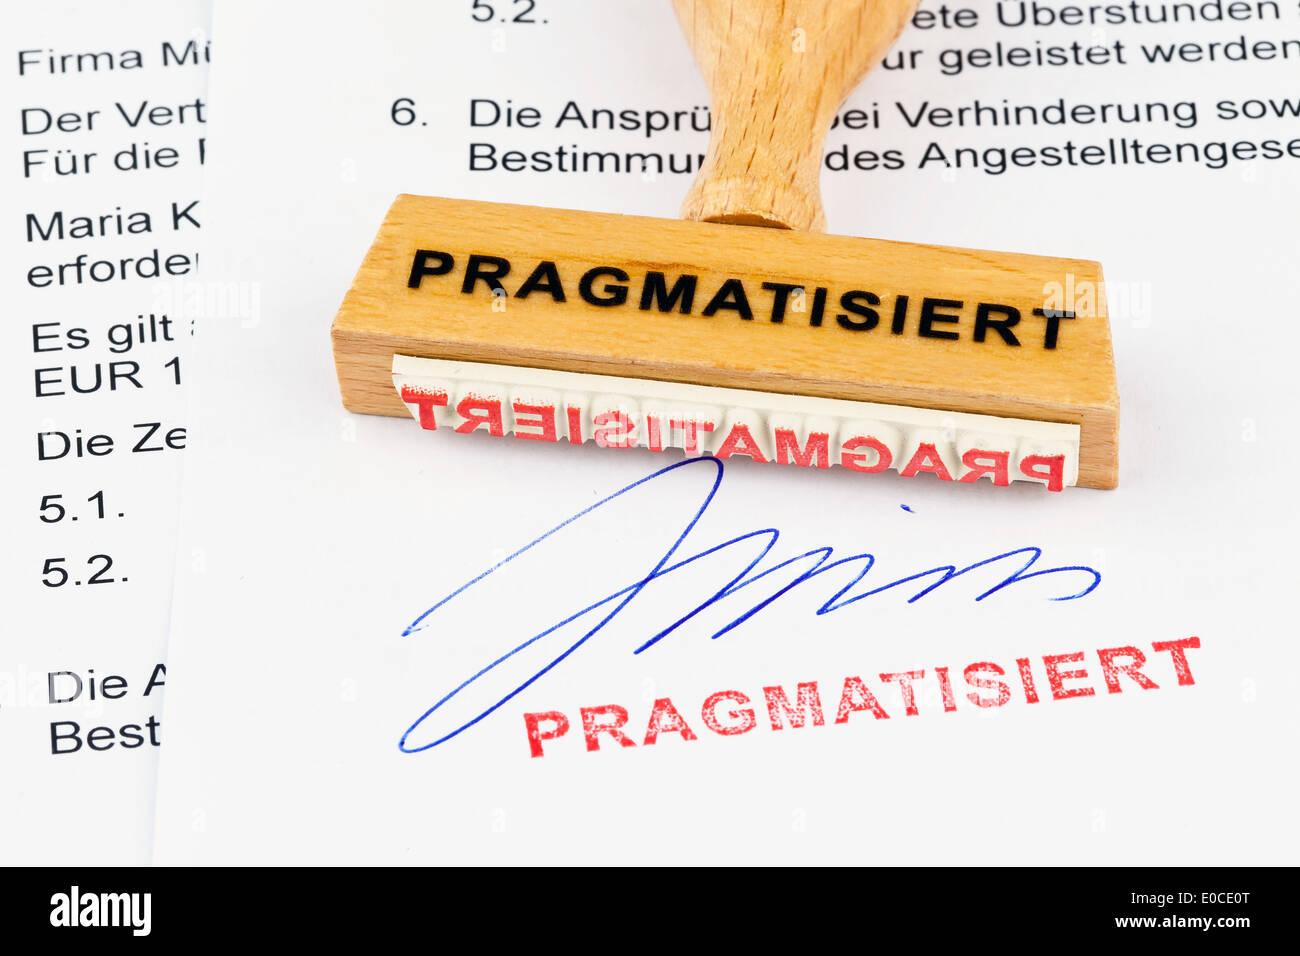 A stamp of wood lies on a document. Label Tenured, Ein Stempel aus Holz liegt auf einem Dokument. Aufschrift Pragmatisiert Stock Photo